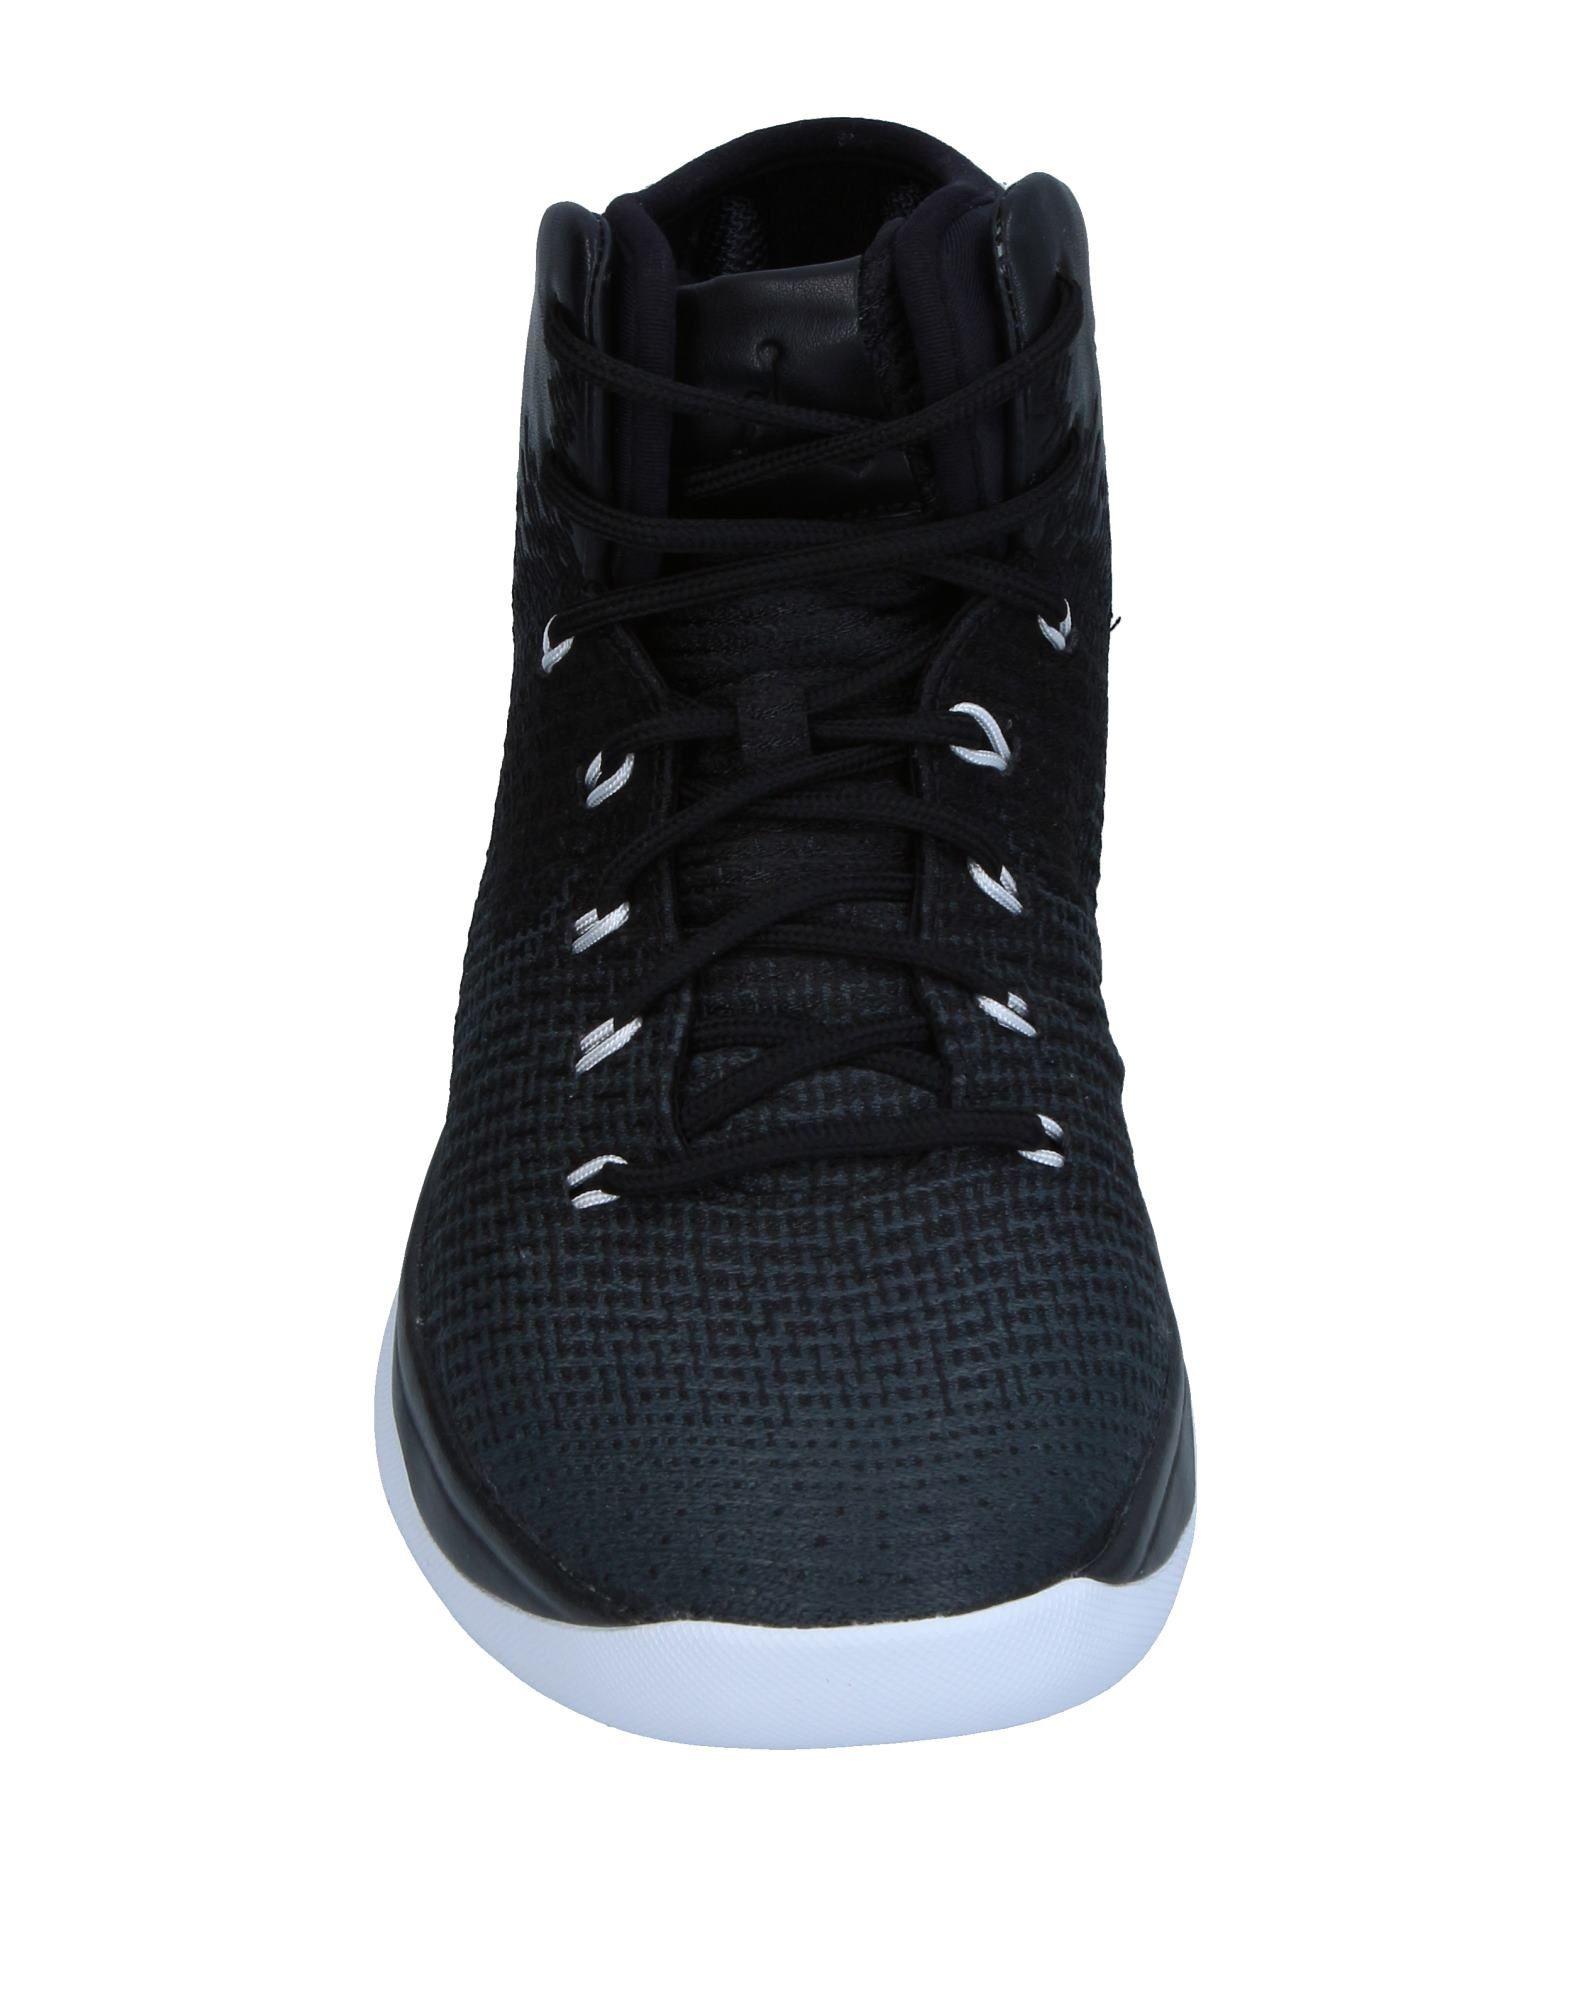 Jordan Sneakers 11359680RK Herren  11359680RK Sneakers Heiße Schuhe 355ee9